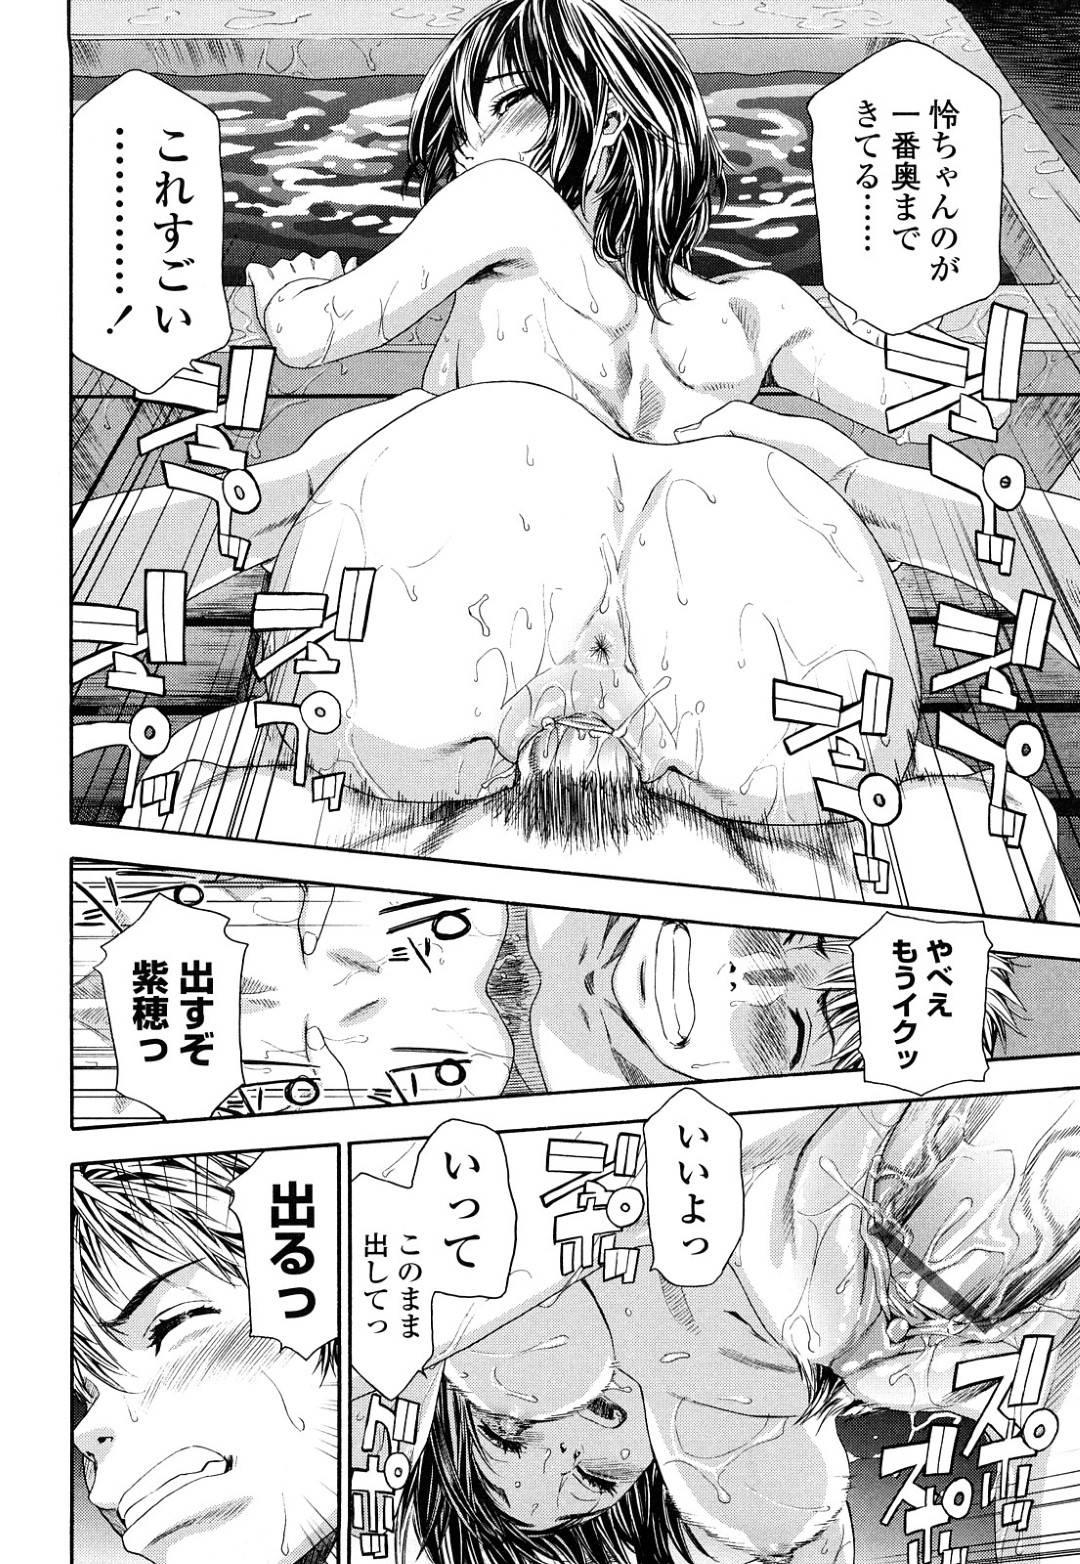 【エロ漫画】幼馴染と風呂に入る展開となって幼馴染の清楚系JK…彼女は積極的に対面座位や騎乗位などの体位でまたがって感じまくる!【大和川:たゆたゆ #1】